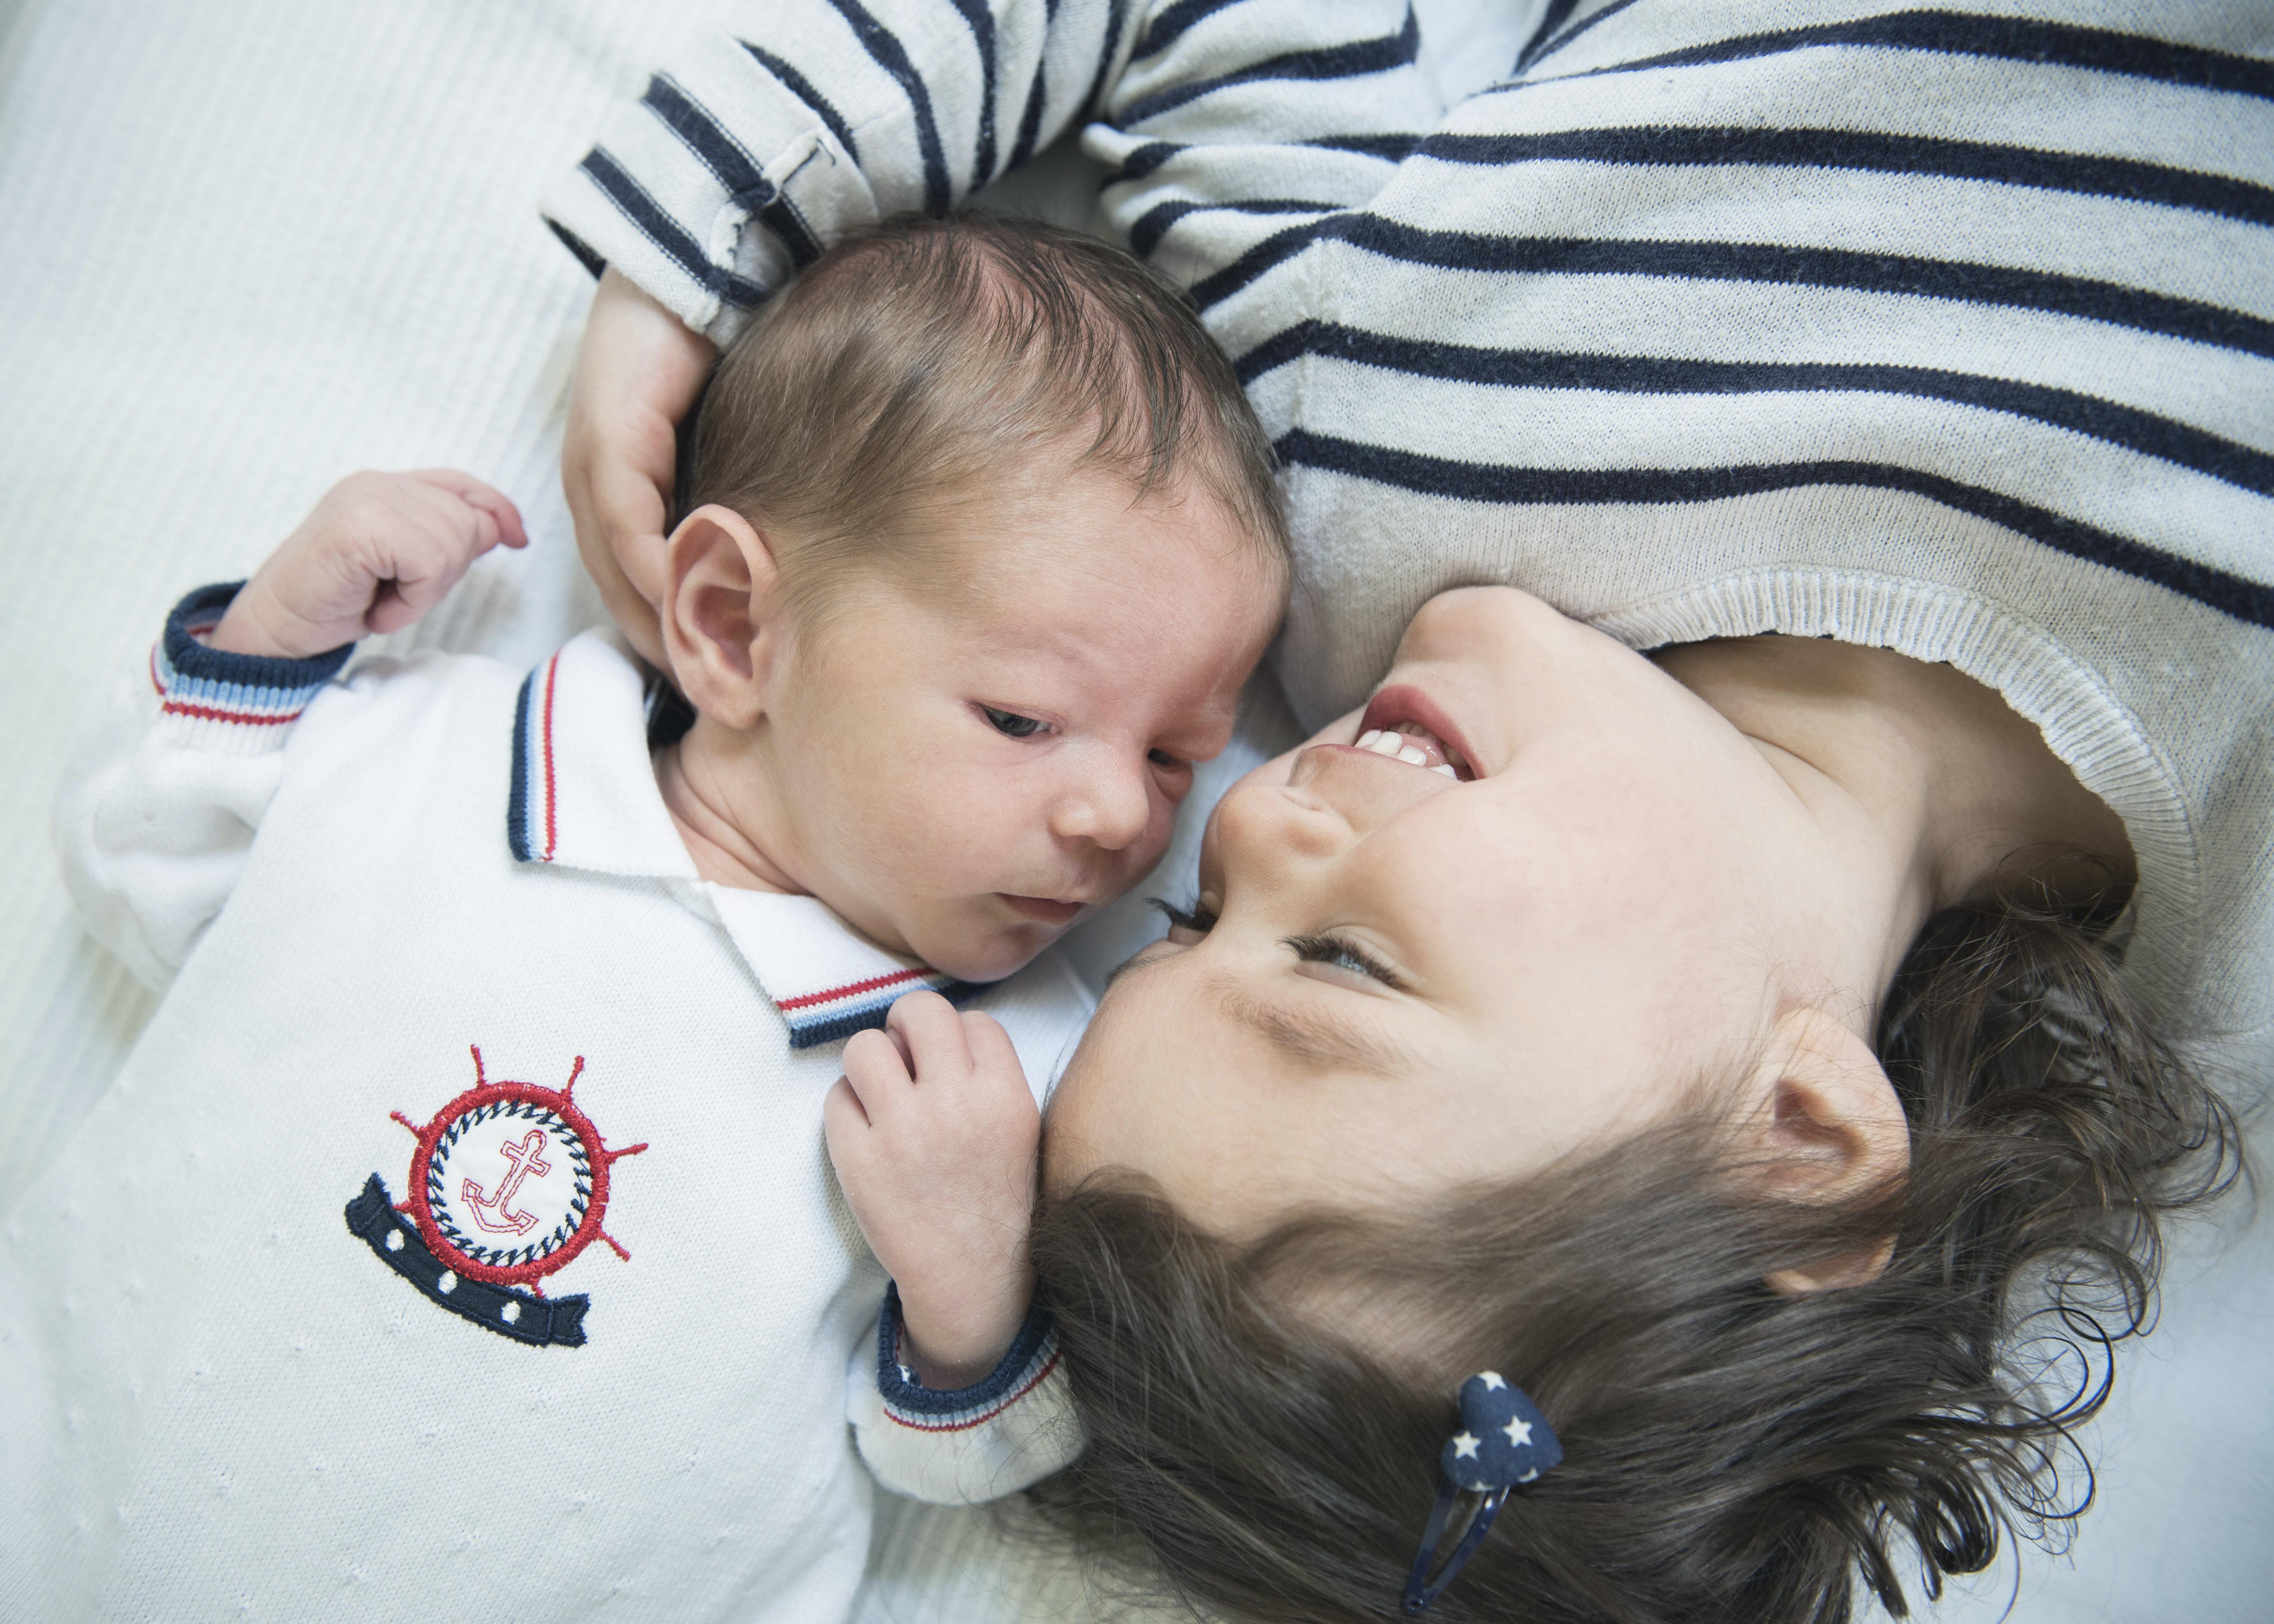 geschwisterfotos berlin, babyfotos mit geschwistern, familienfotos berlin zuhause